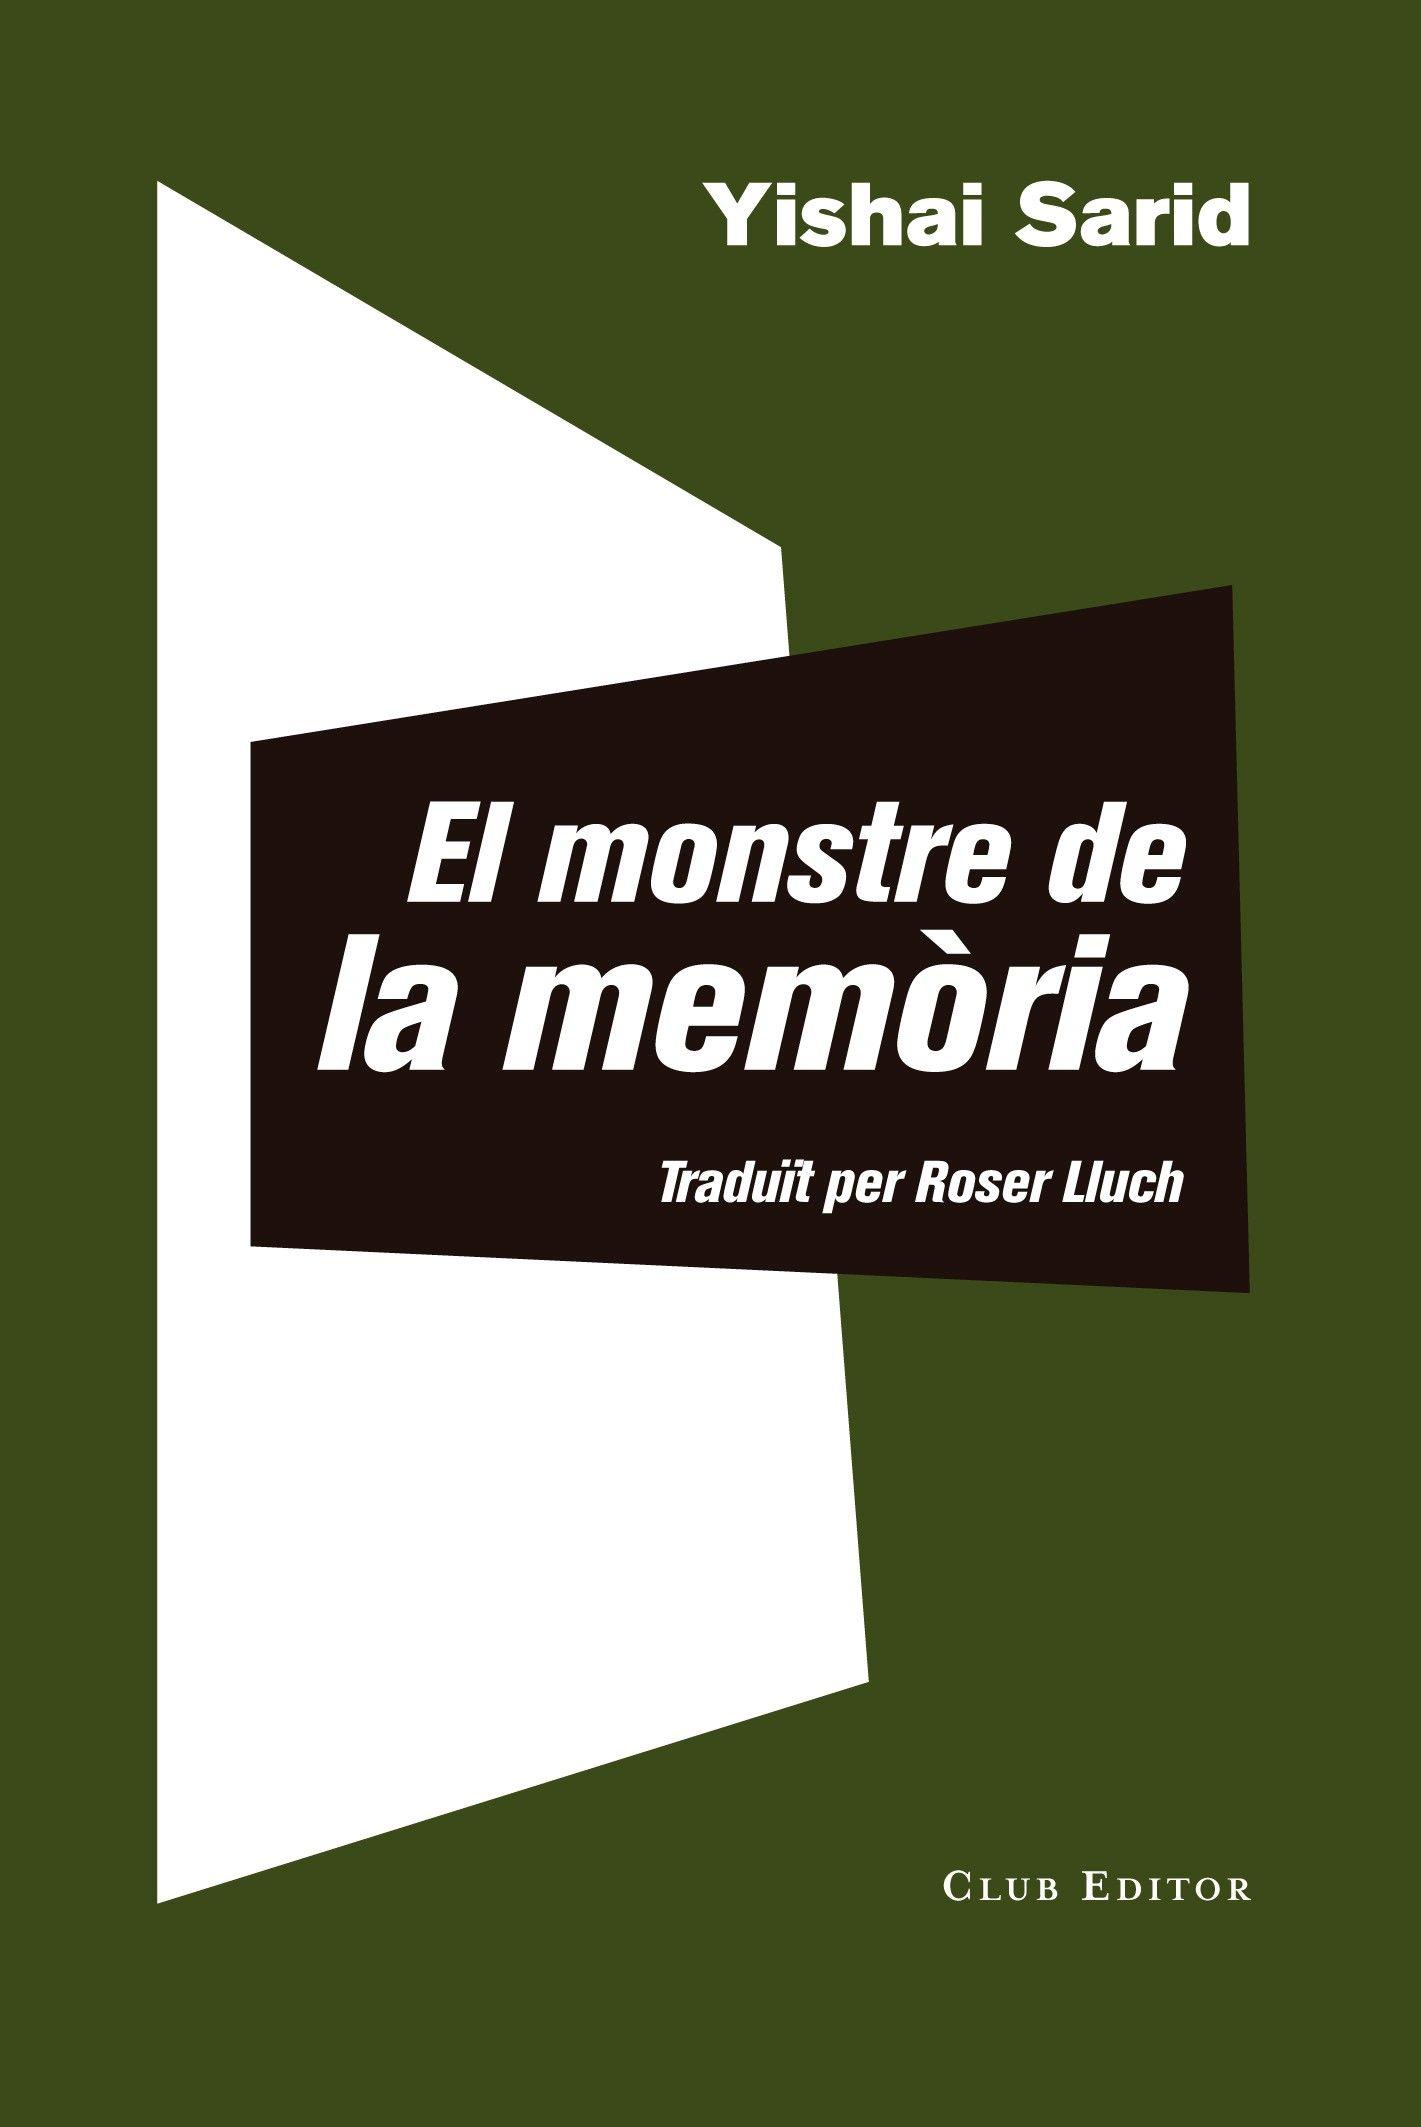 MONSTRE DE LA MEMORIA EL